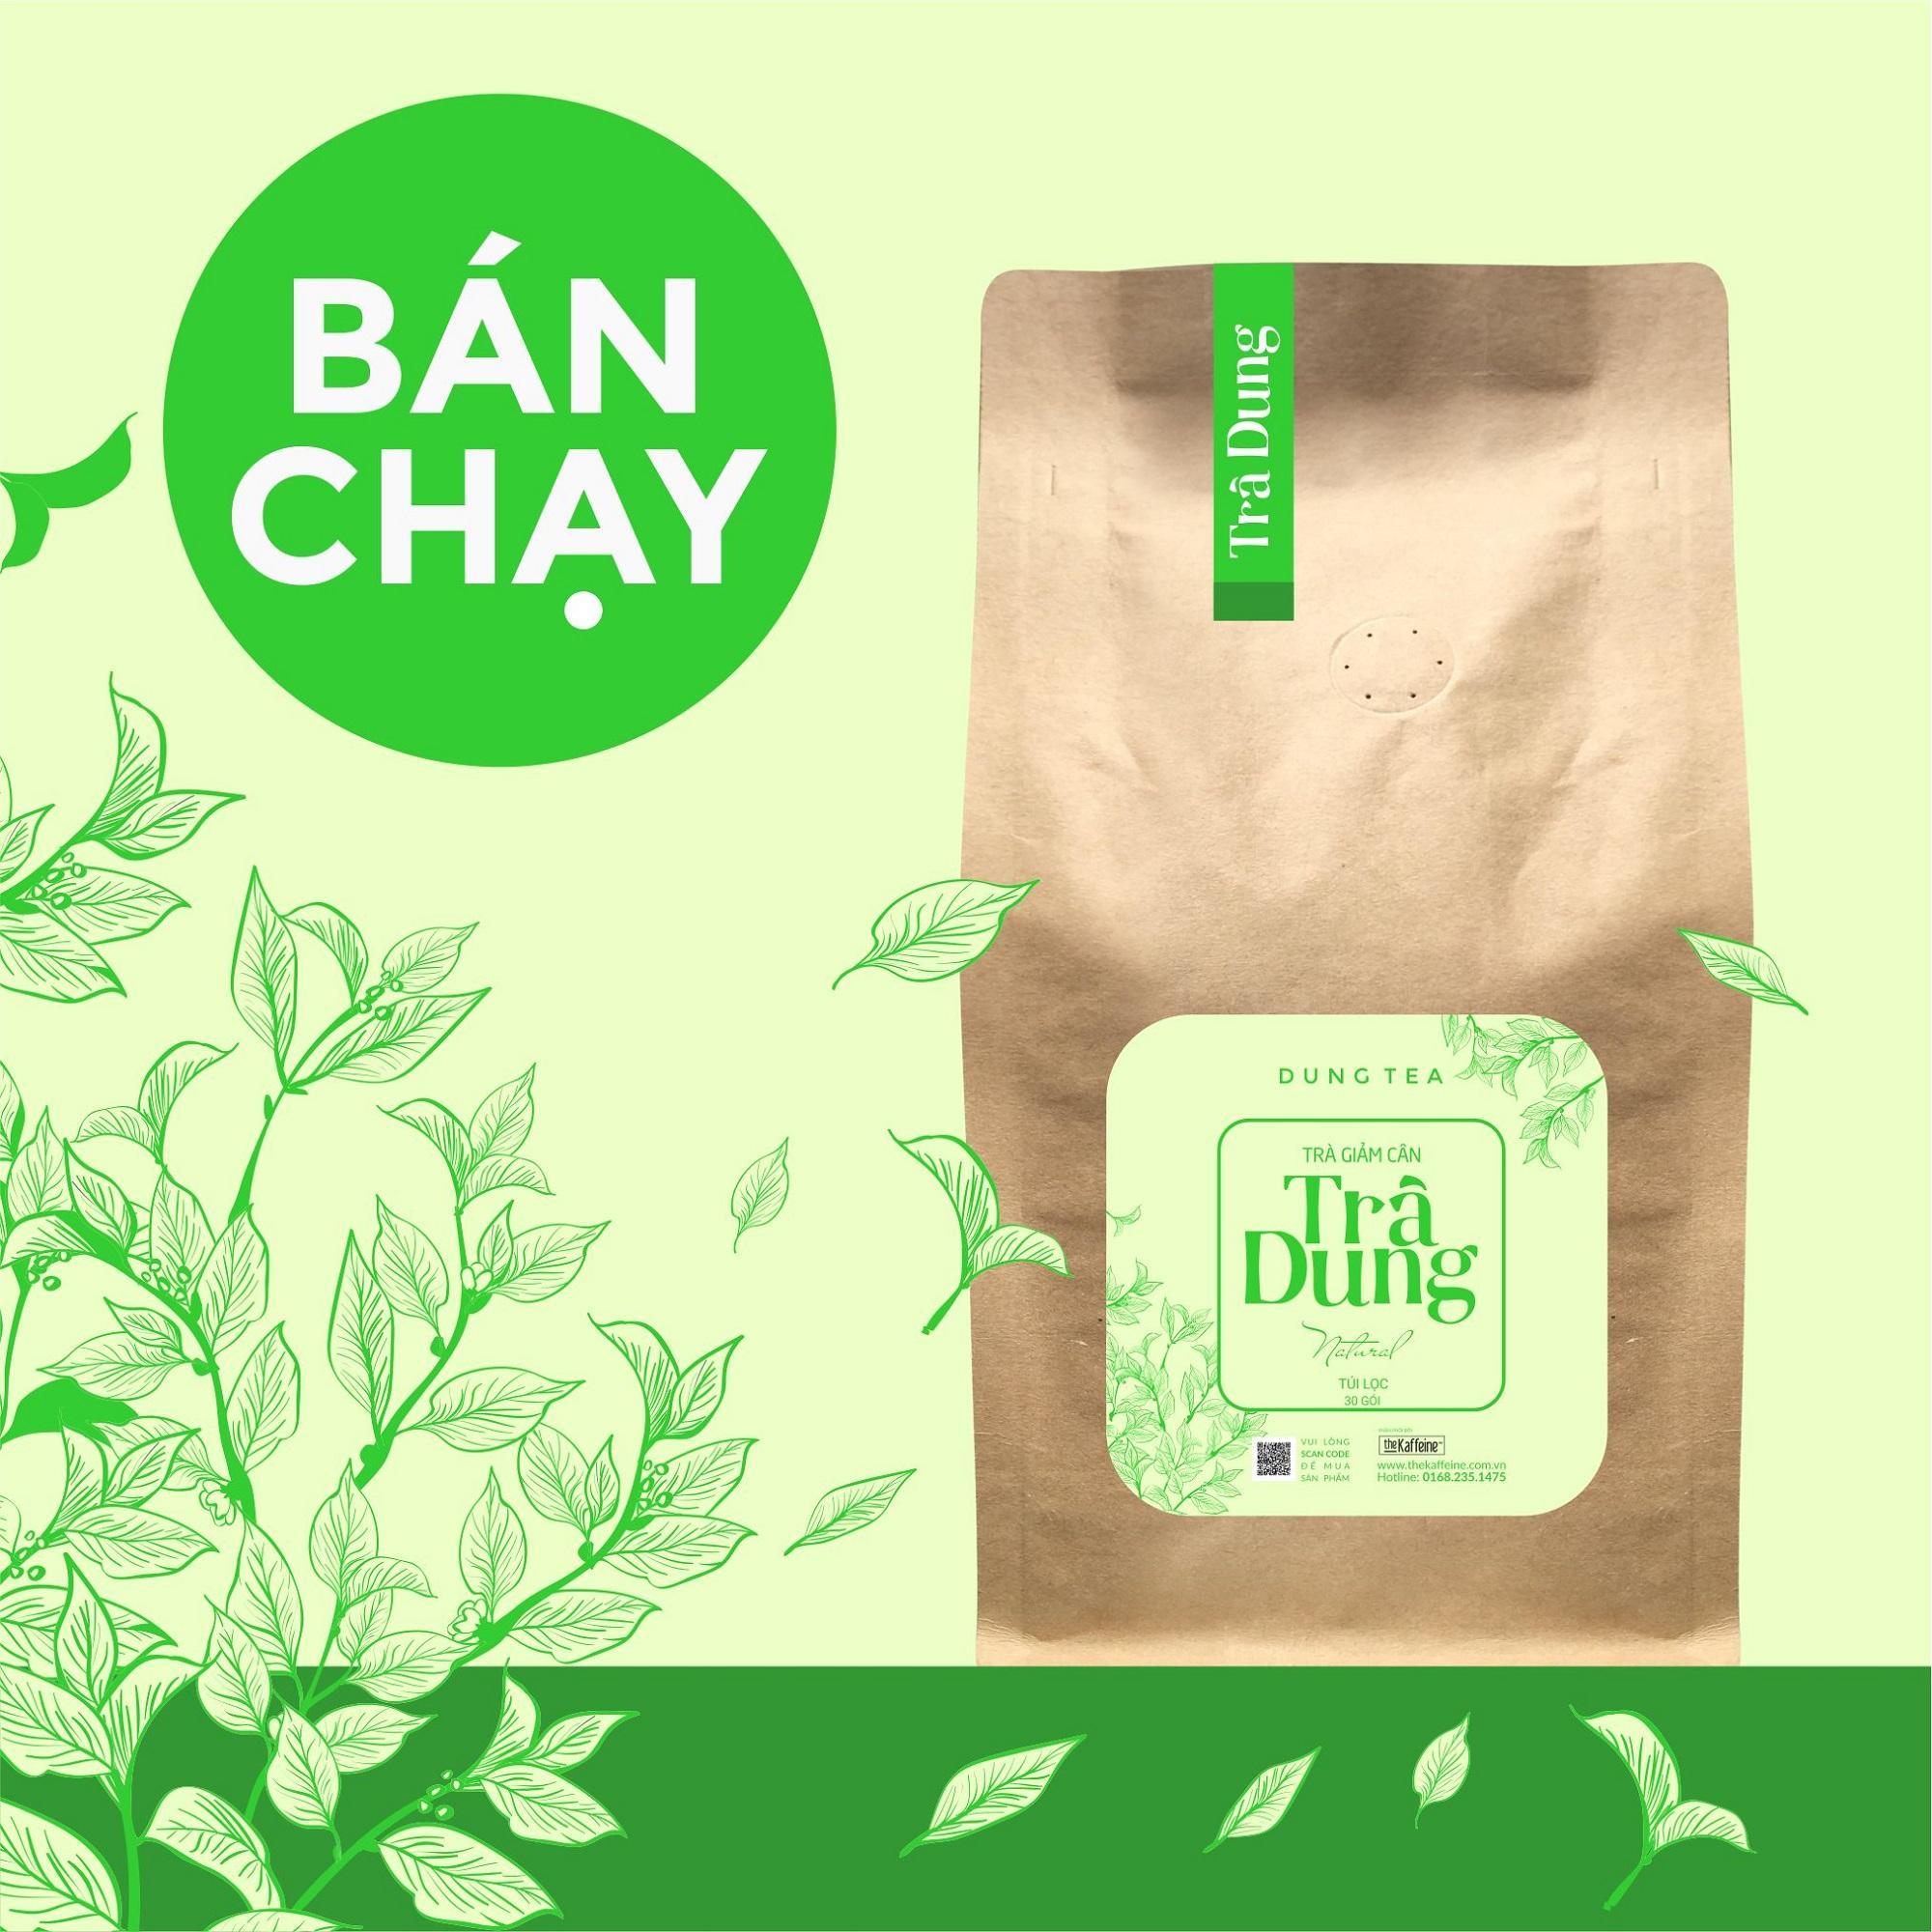 Trà dung Giảm cân Túi Lọc 30 túi - 250g - The Kaffeine nhập khẩu